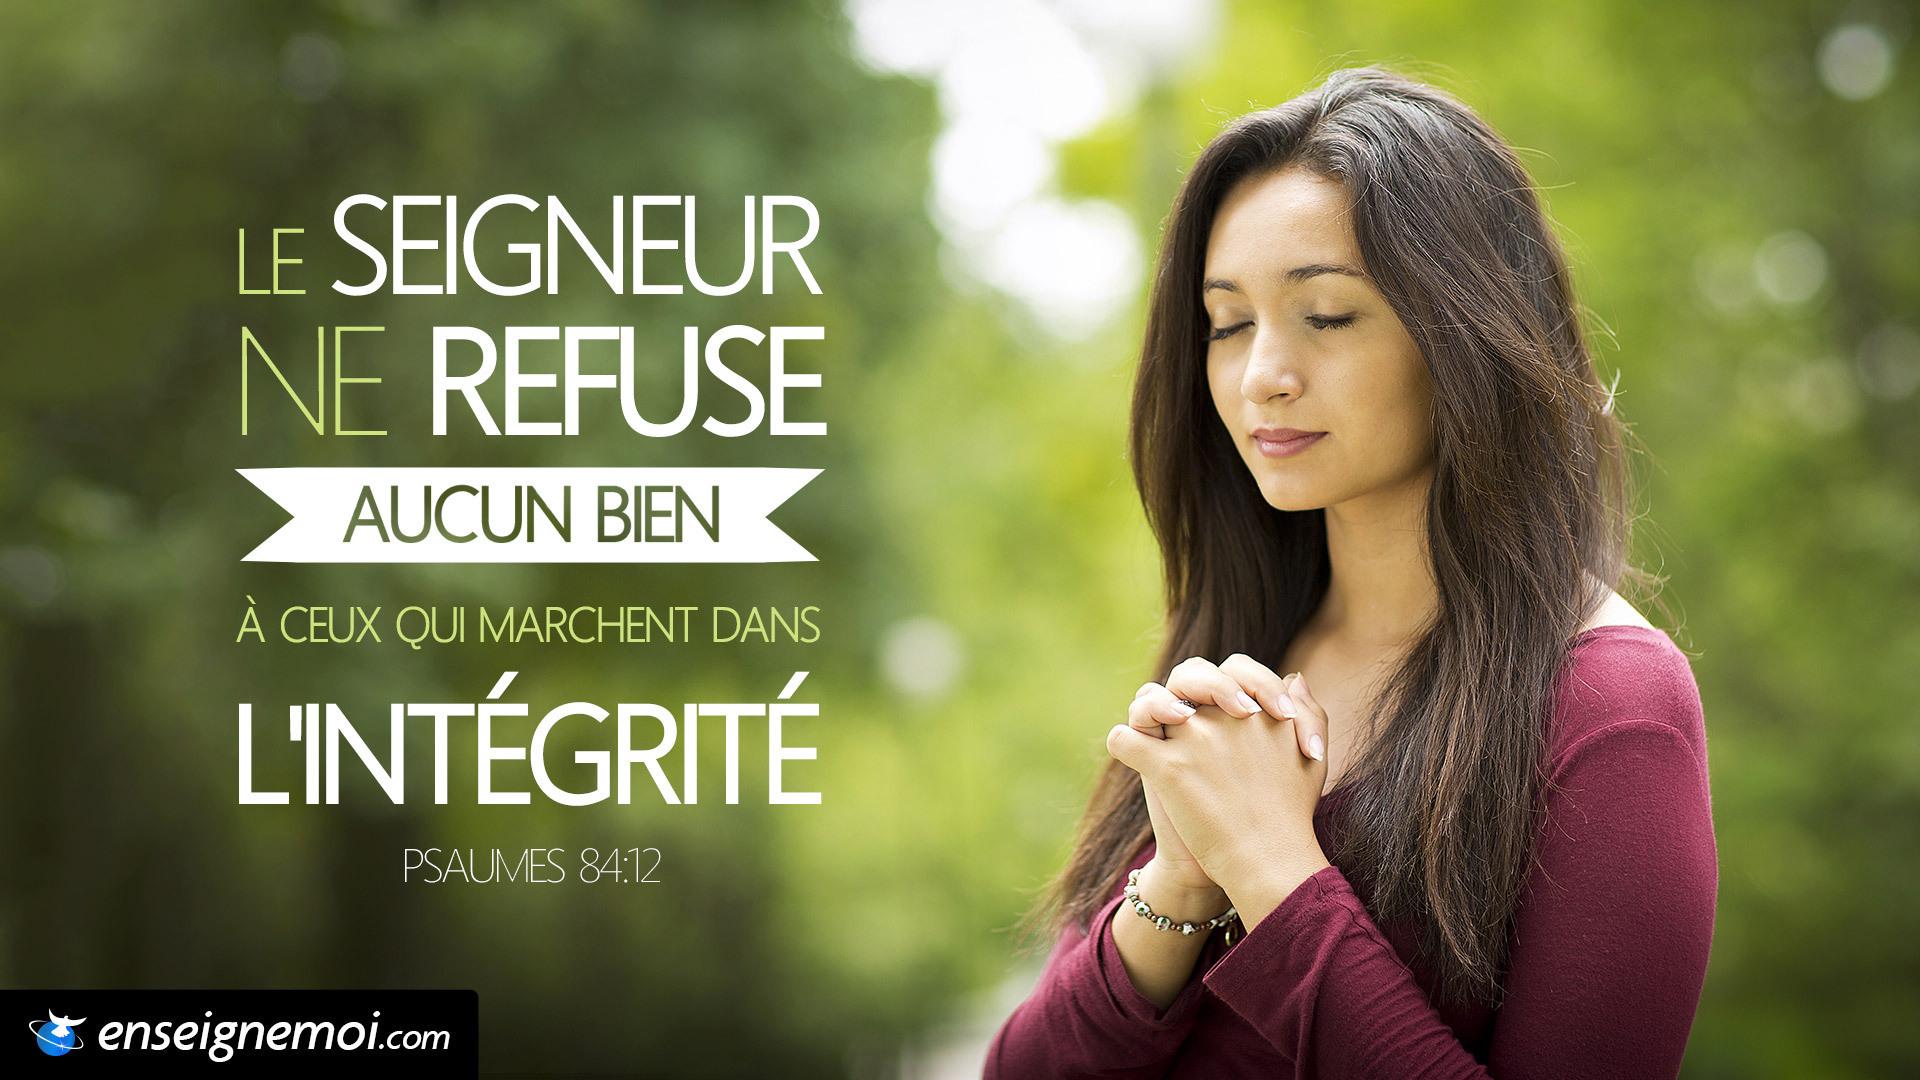 Extrêmement Le verset du jour en image :: Bible :: EnseigneMoi OG57